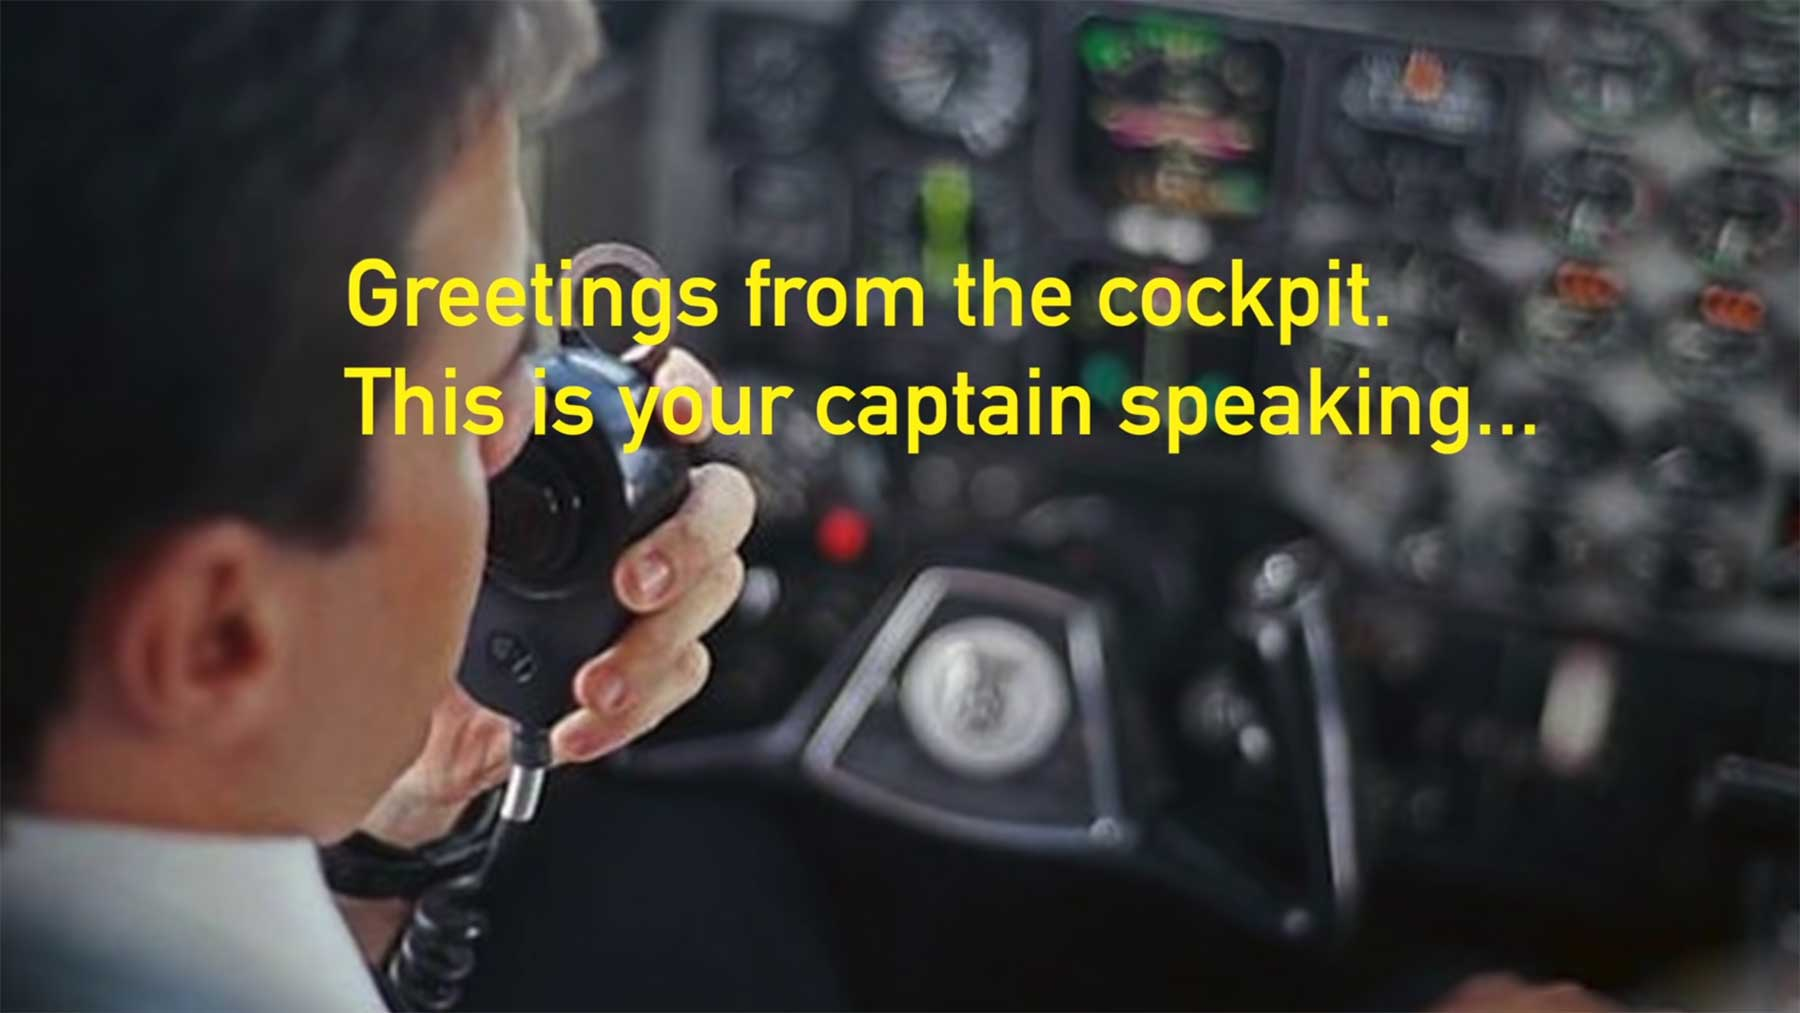 Wenn Sicherheits-Ansagen im Flugzeug ehrlich wären